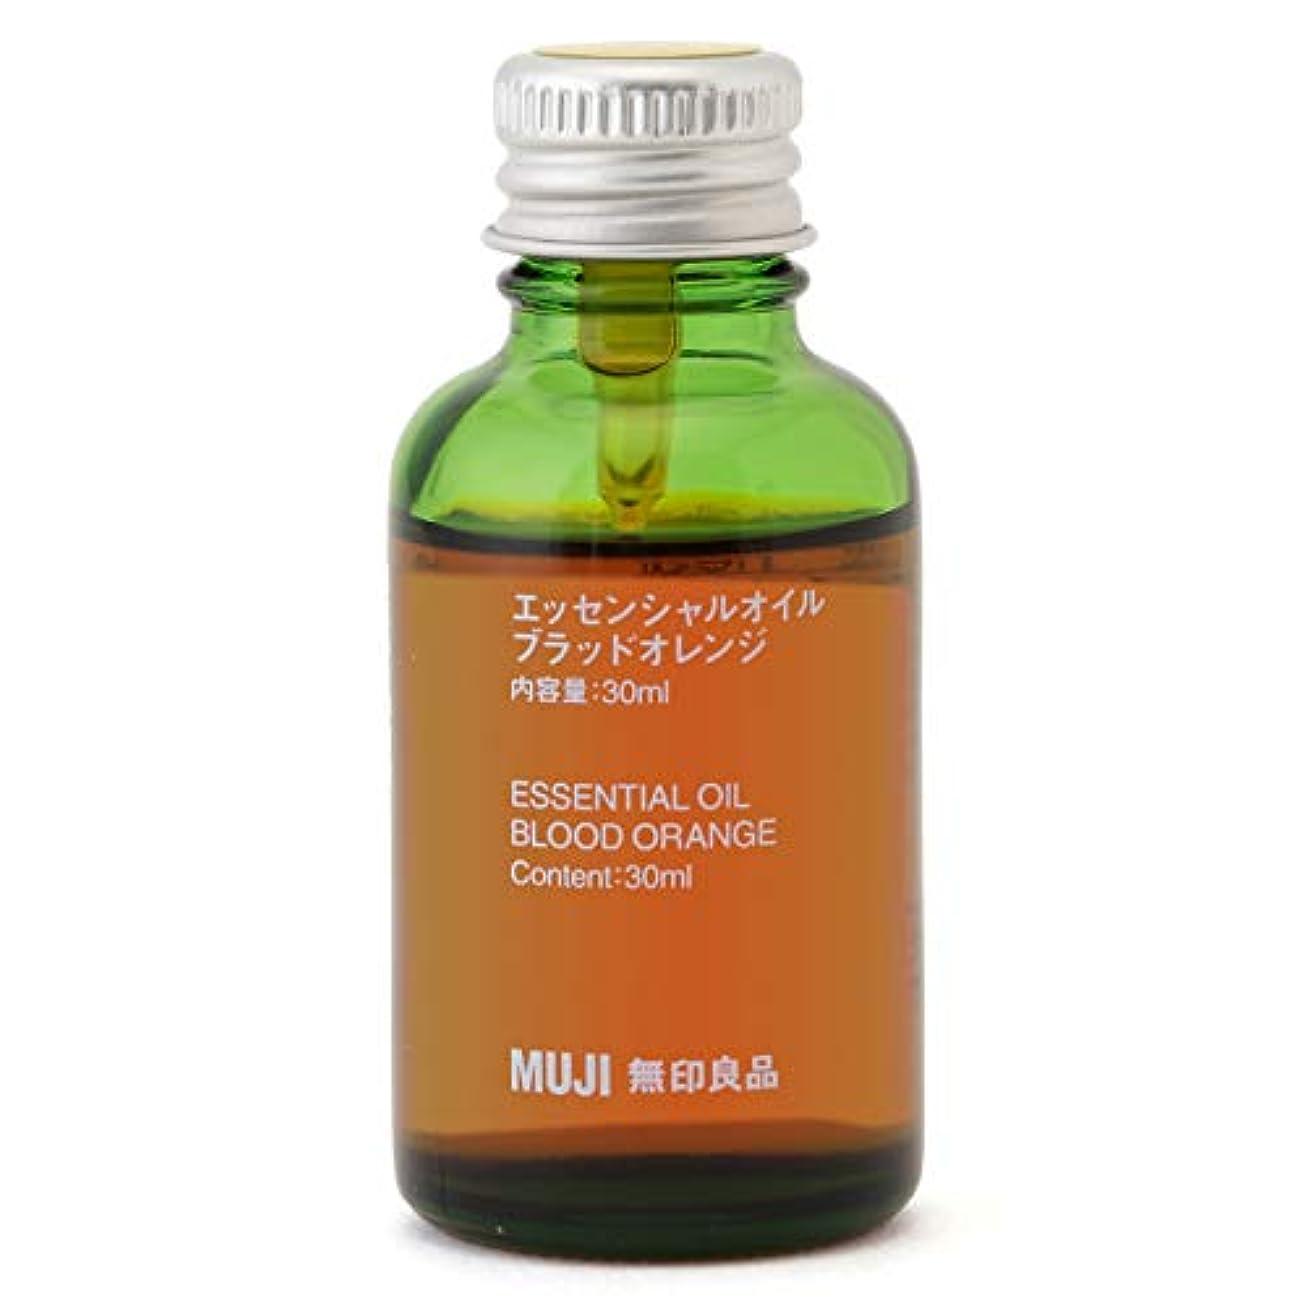 近々冬純度【無印良品】エッセンシャルオイル30ml(ブラッドオレンジ)